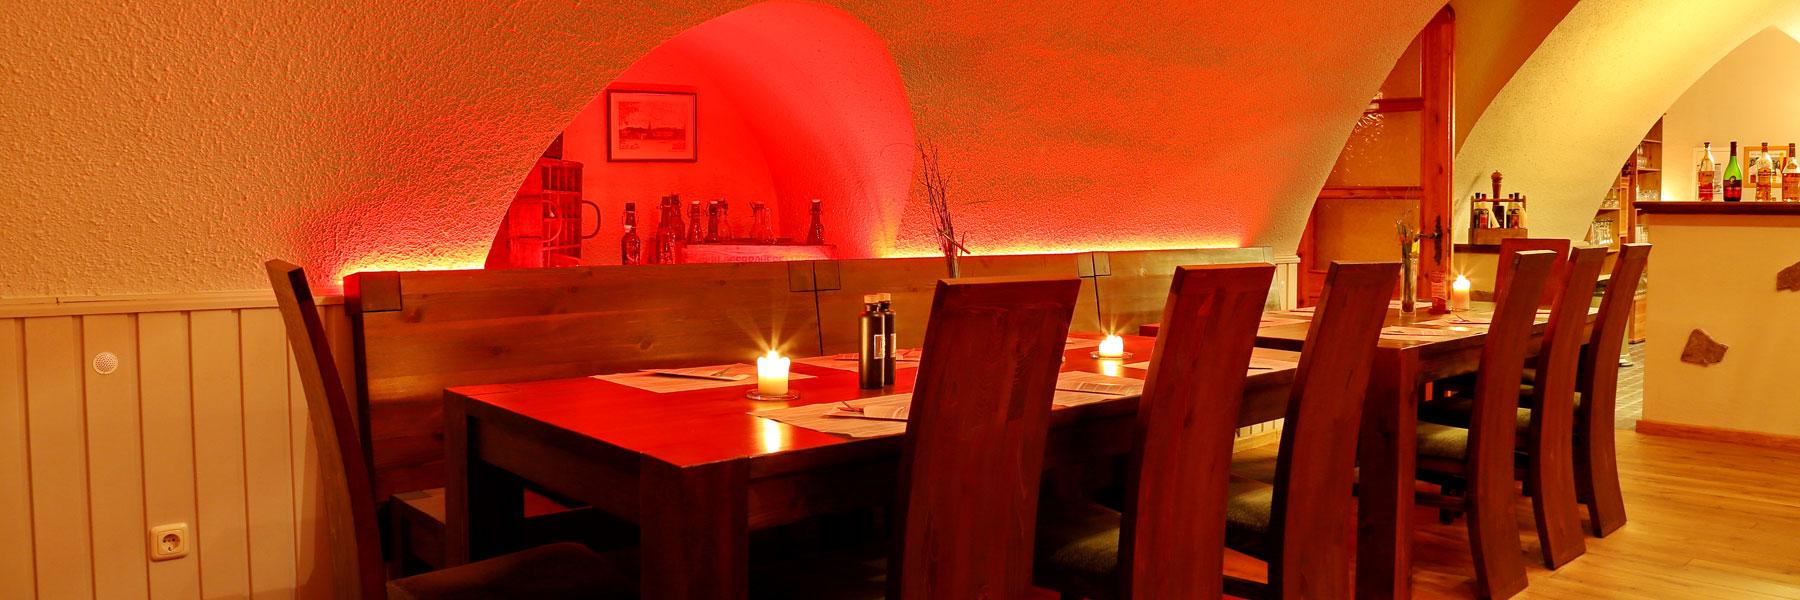 Restaurant - Alte Schlossbrauerei Restaurant & Hotel